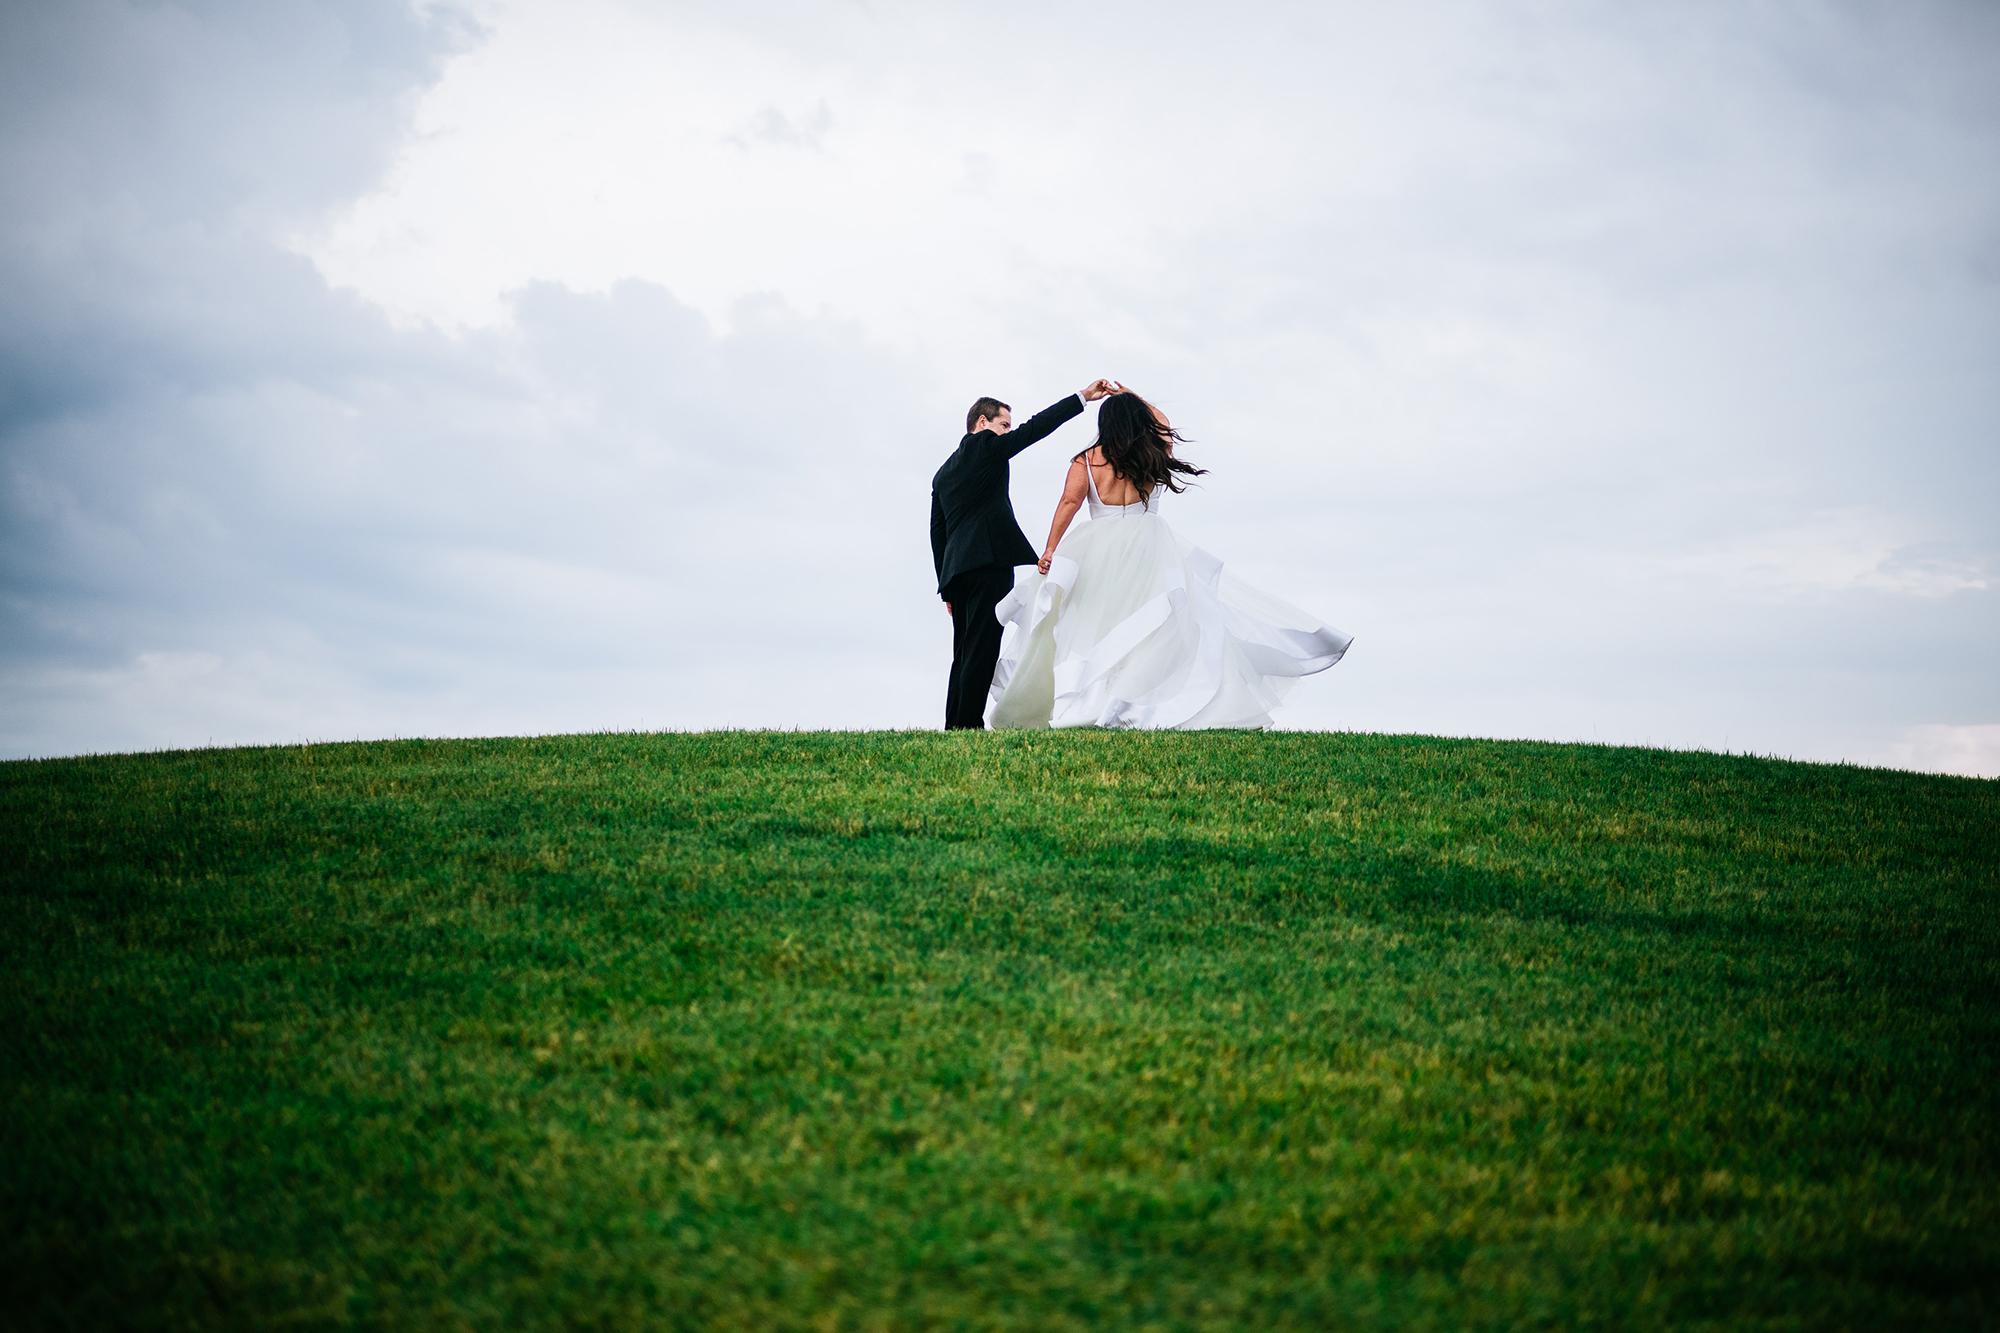 bride spinning groom